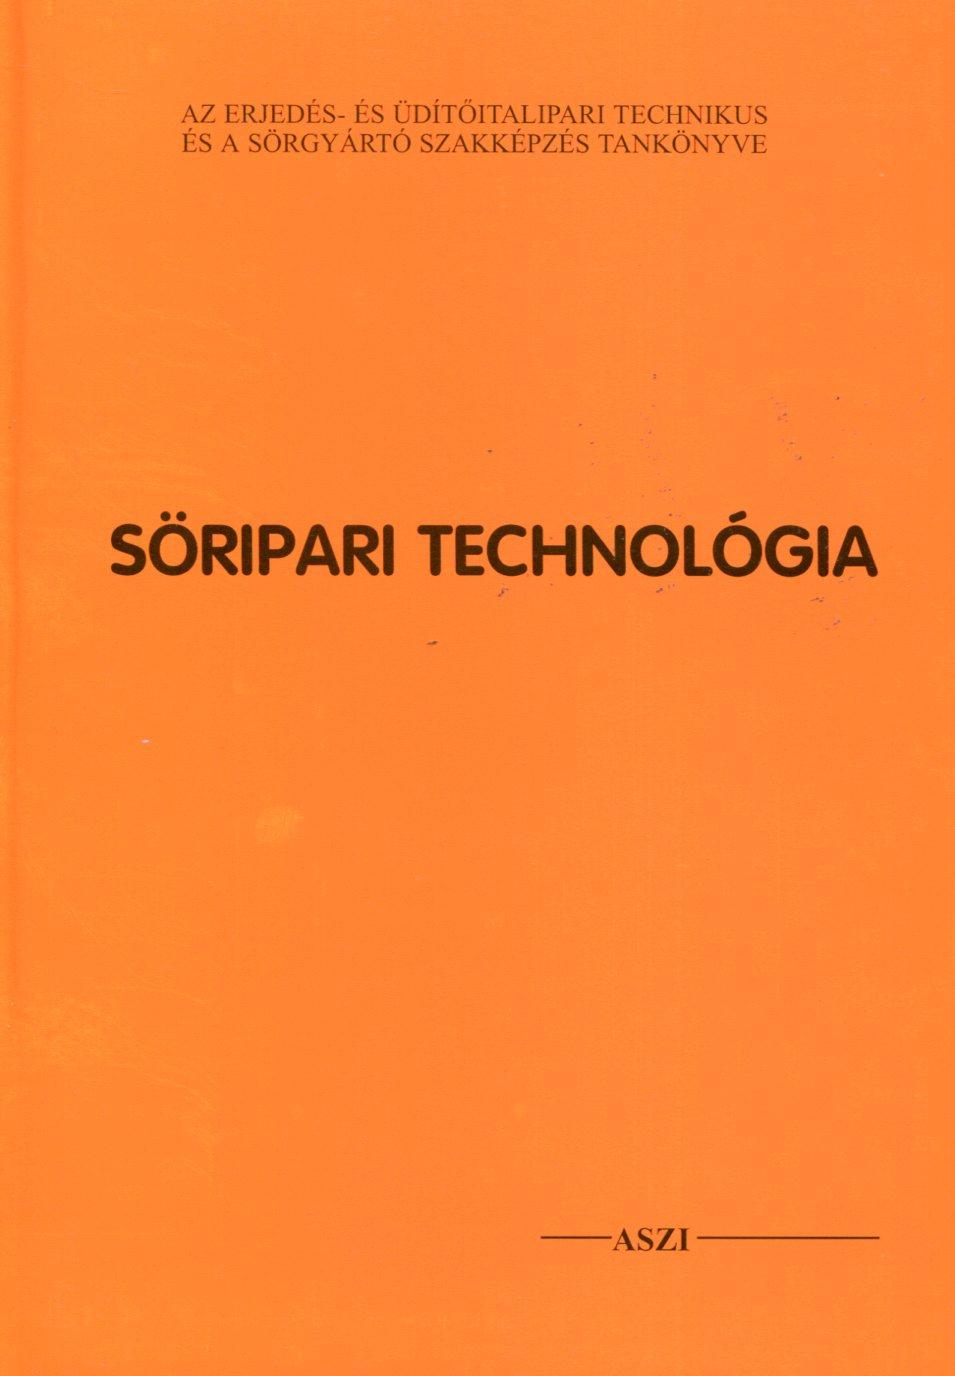 Söripari technológia